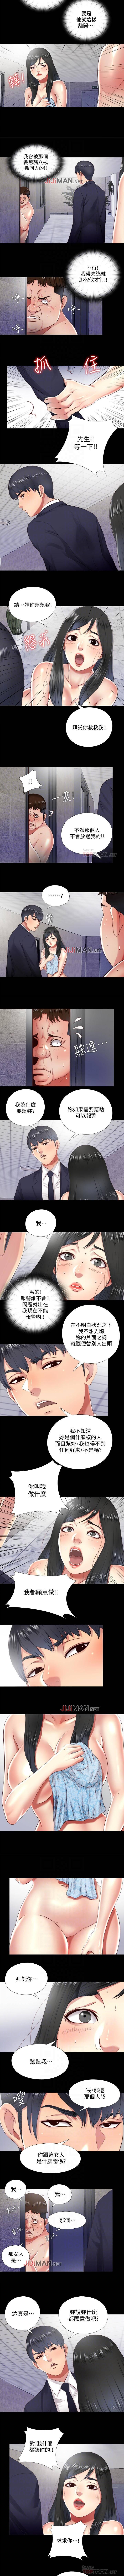 【已完结】同居捉迷藏(作者:林巨星) 第1~30话 60